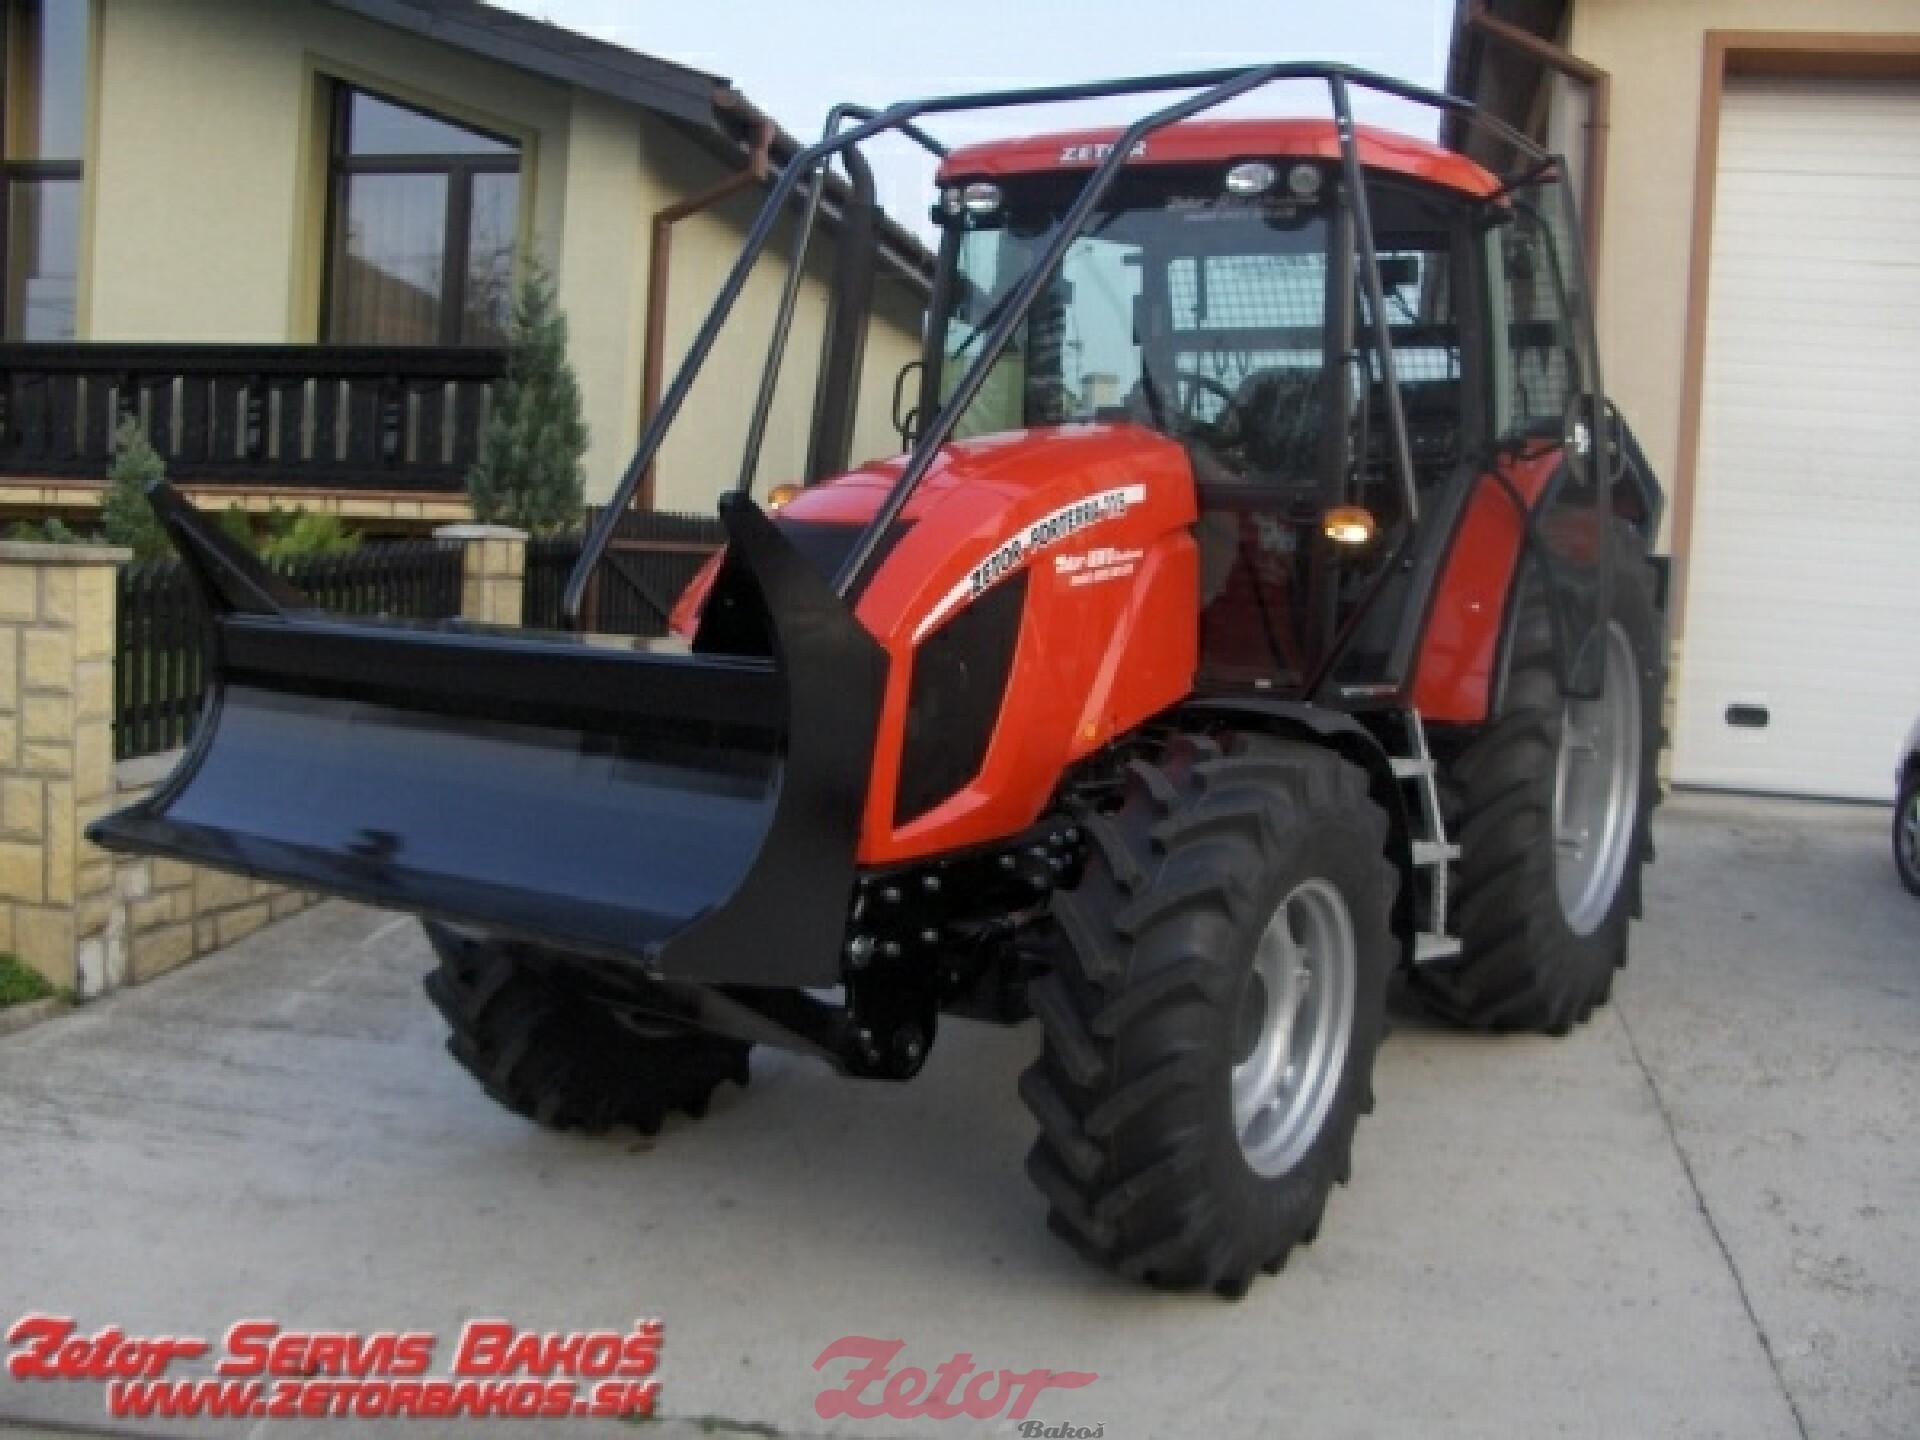 Zetor-bakos-g165